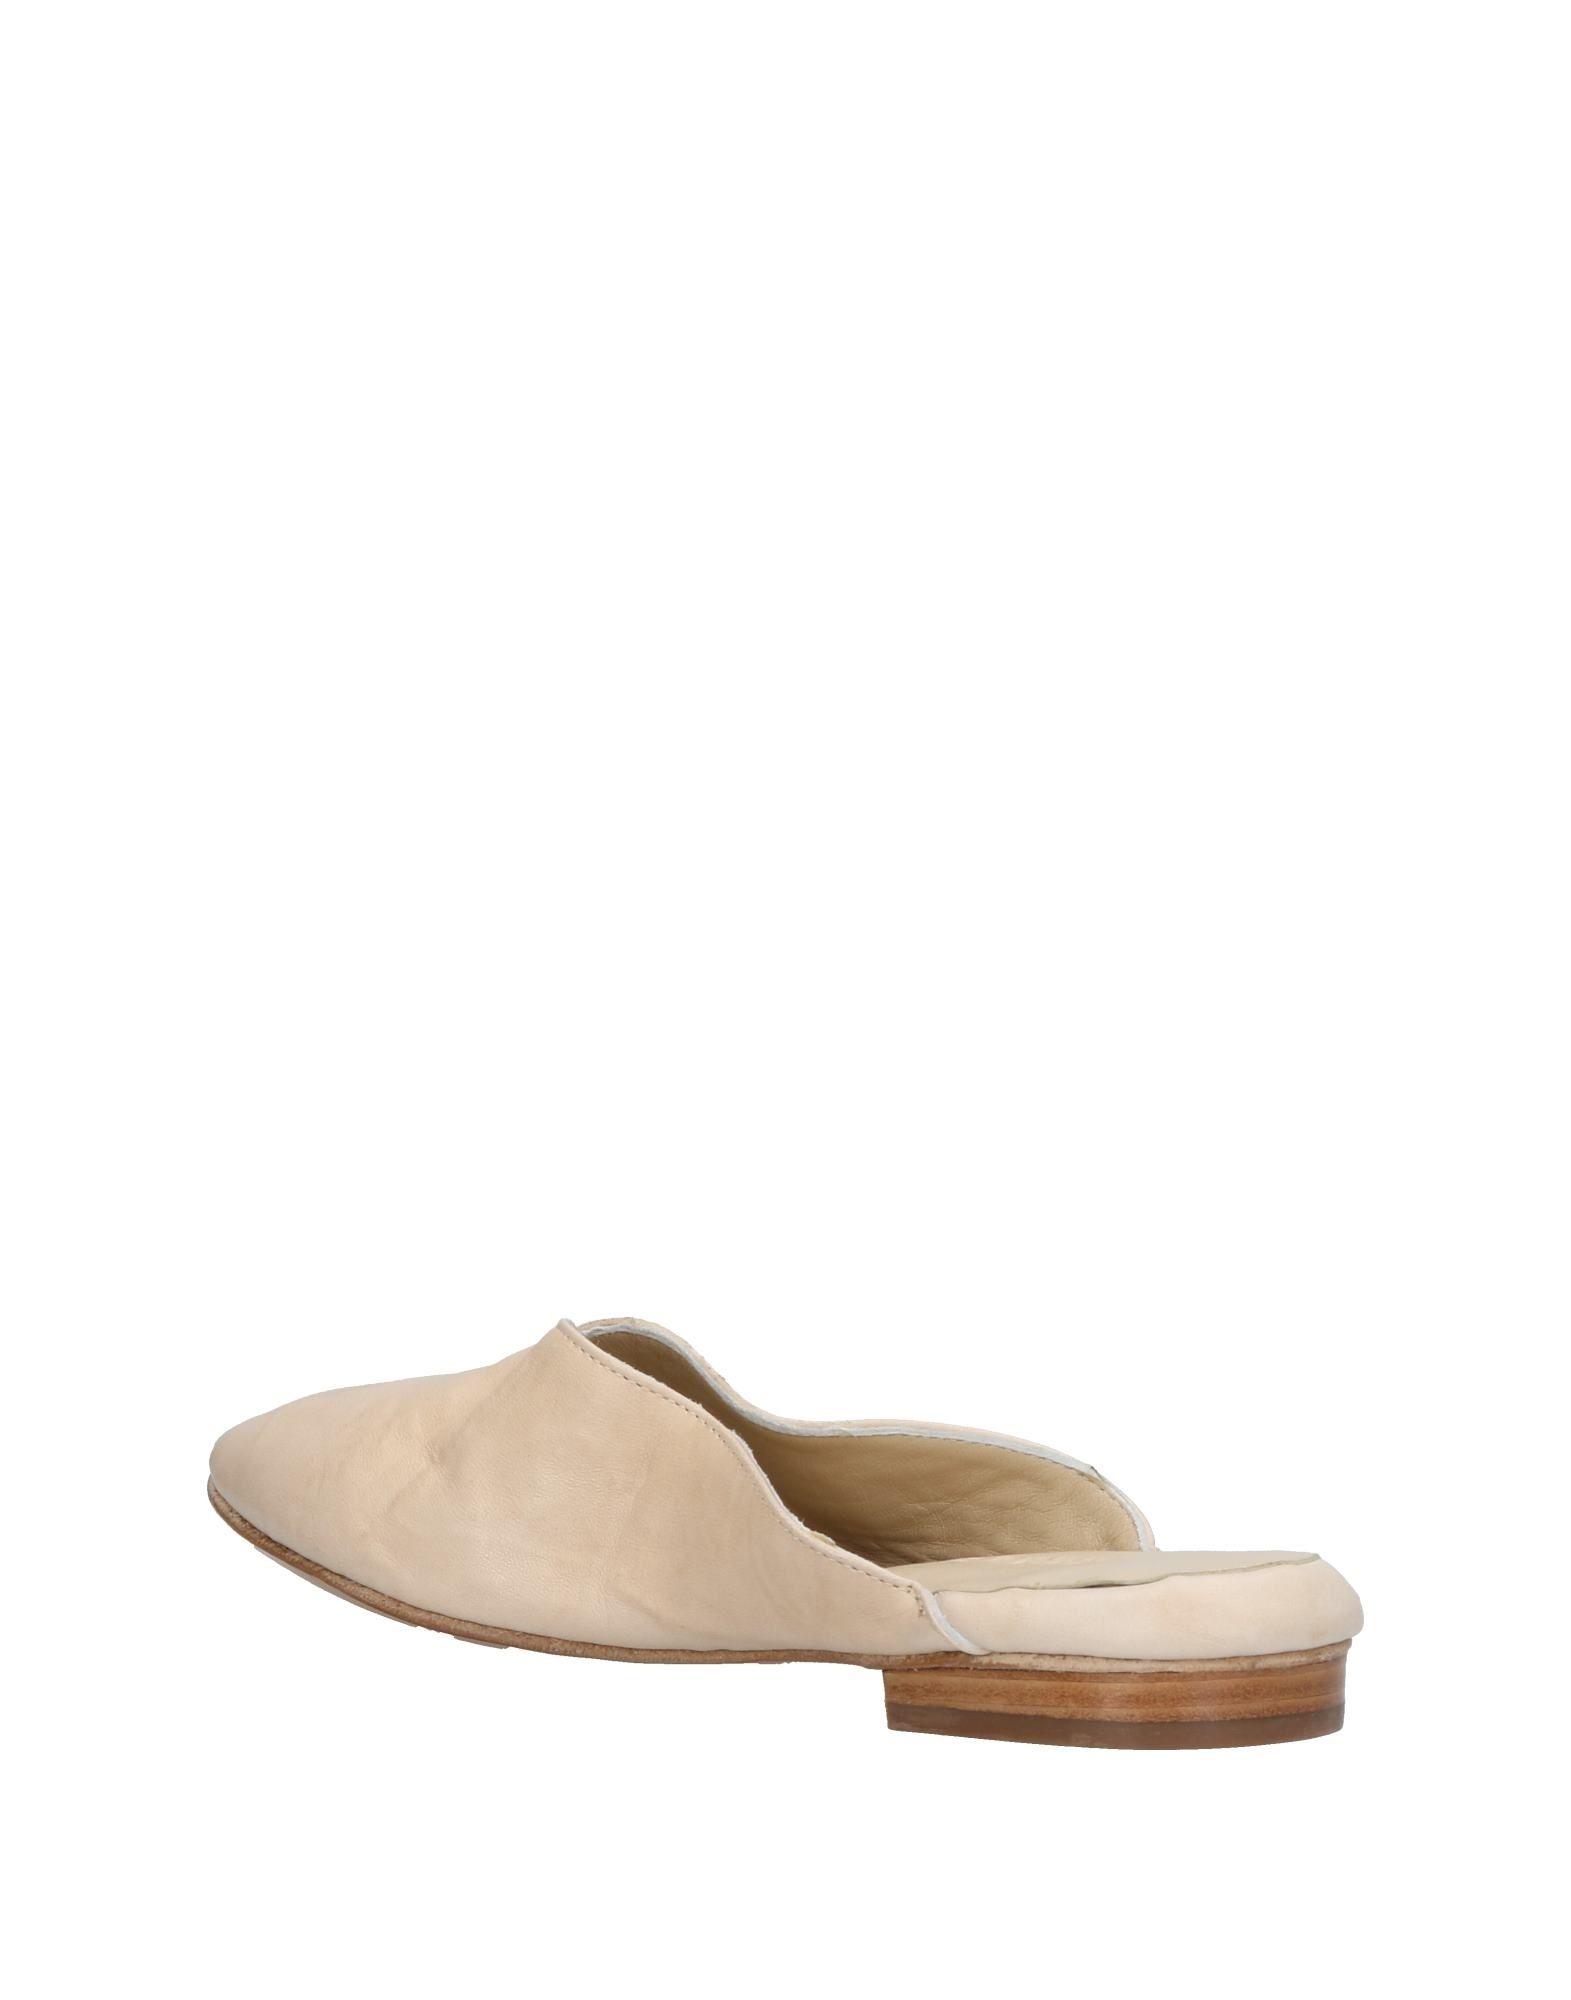 Kudetà Pantoletten Damen  11434079JK Schuhe Gute Qualität beliebte Schuhe 11434079JK 6ec169